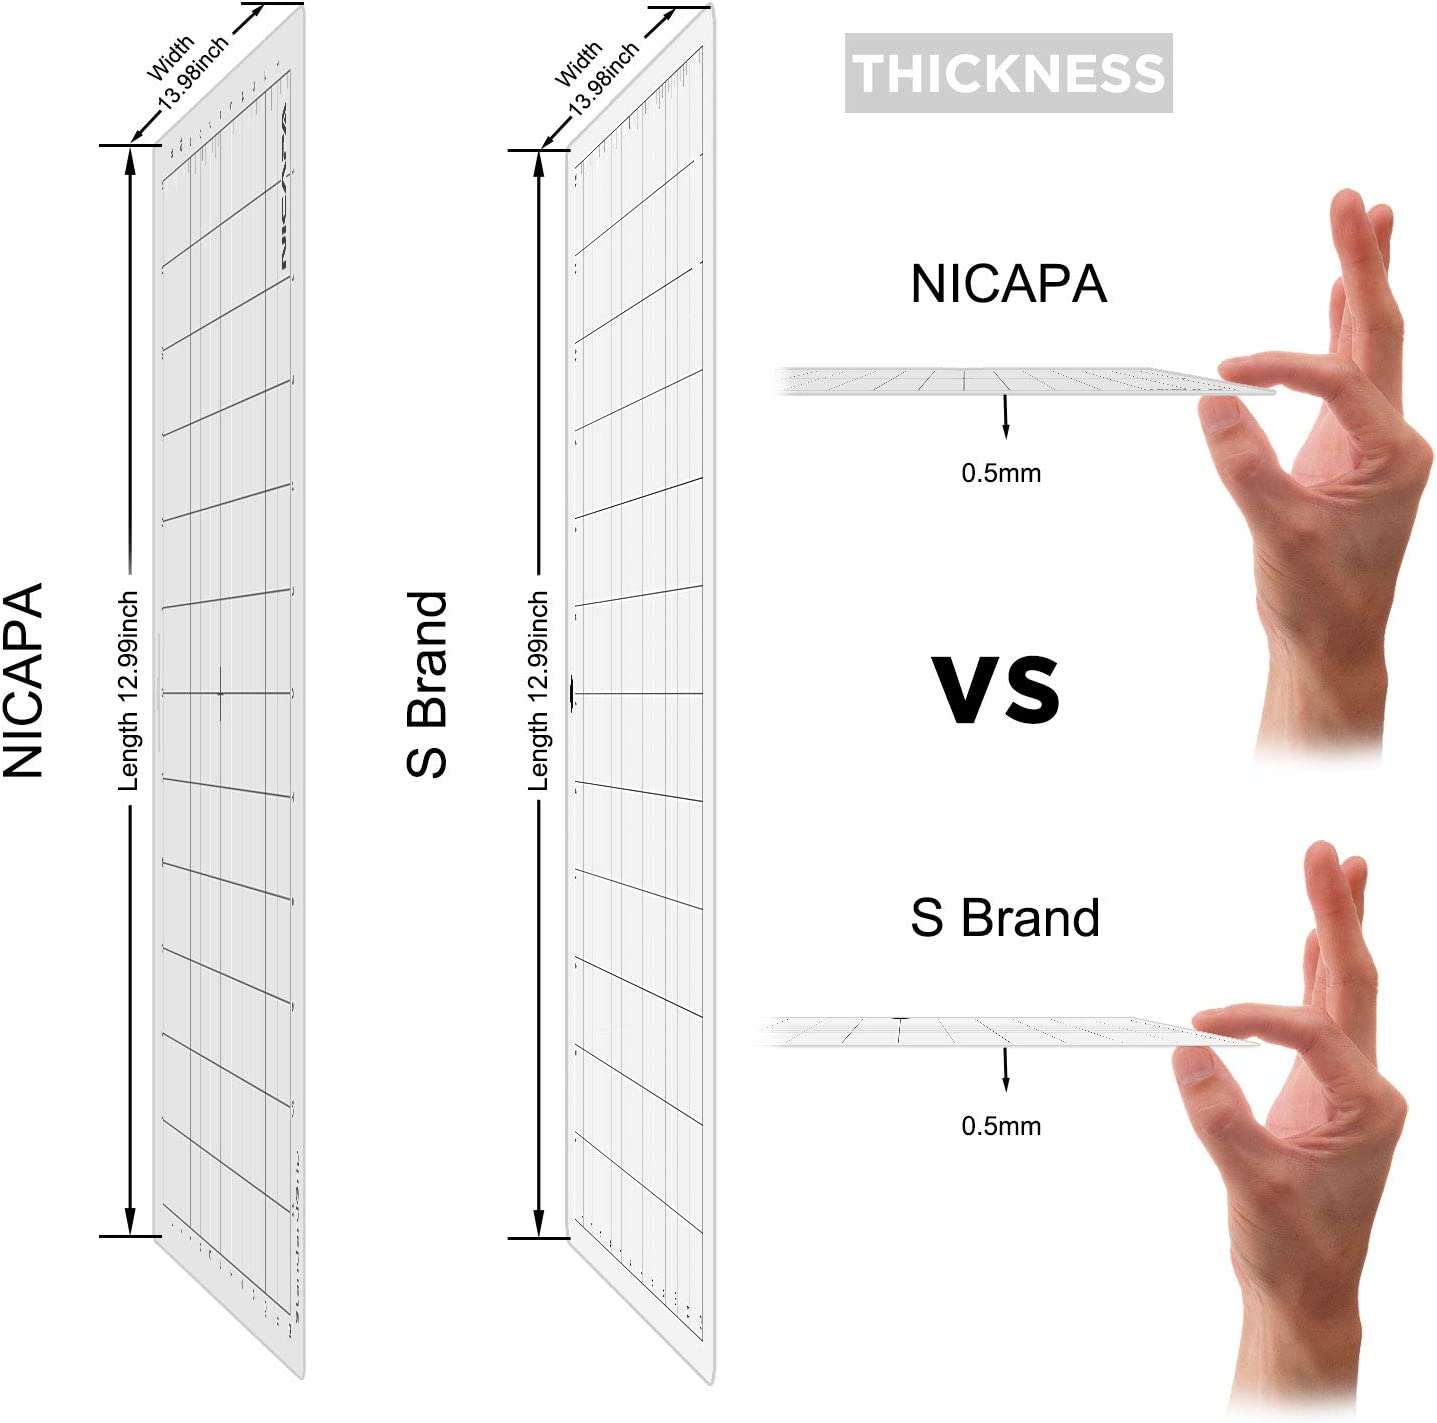 Nicapa Tapete de corte para Silhouette Cameo 3/2/1 [agarre estándar, 12 x 12 pulgadas, 3 unidades] adhesivo y pegajoso antideslizante flexible cortado a cuadros: Amazon.es: Hogar